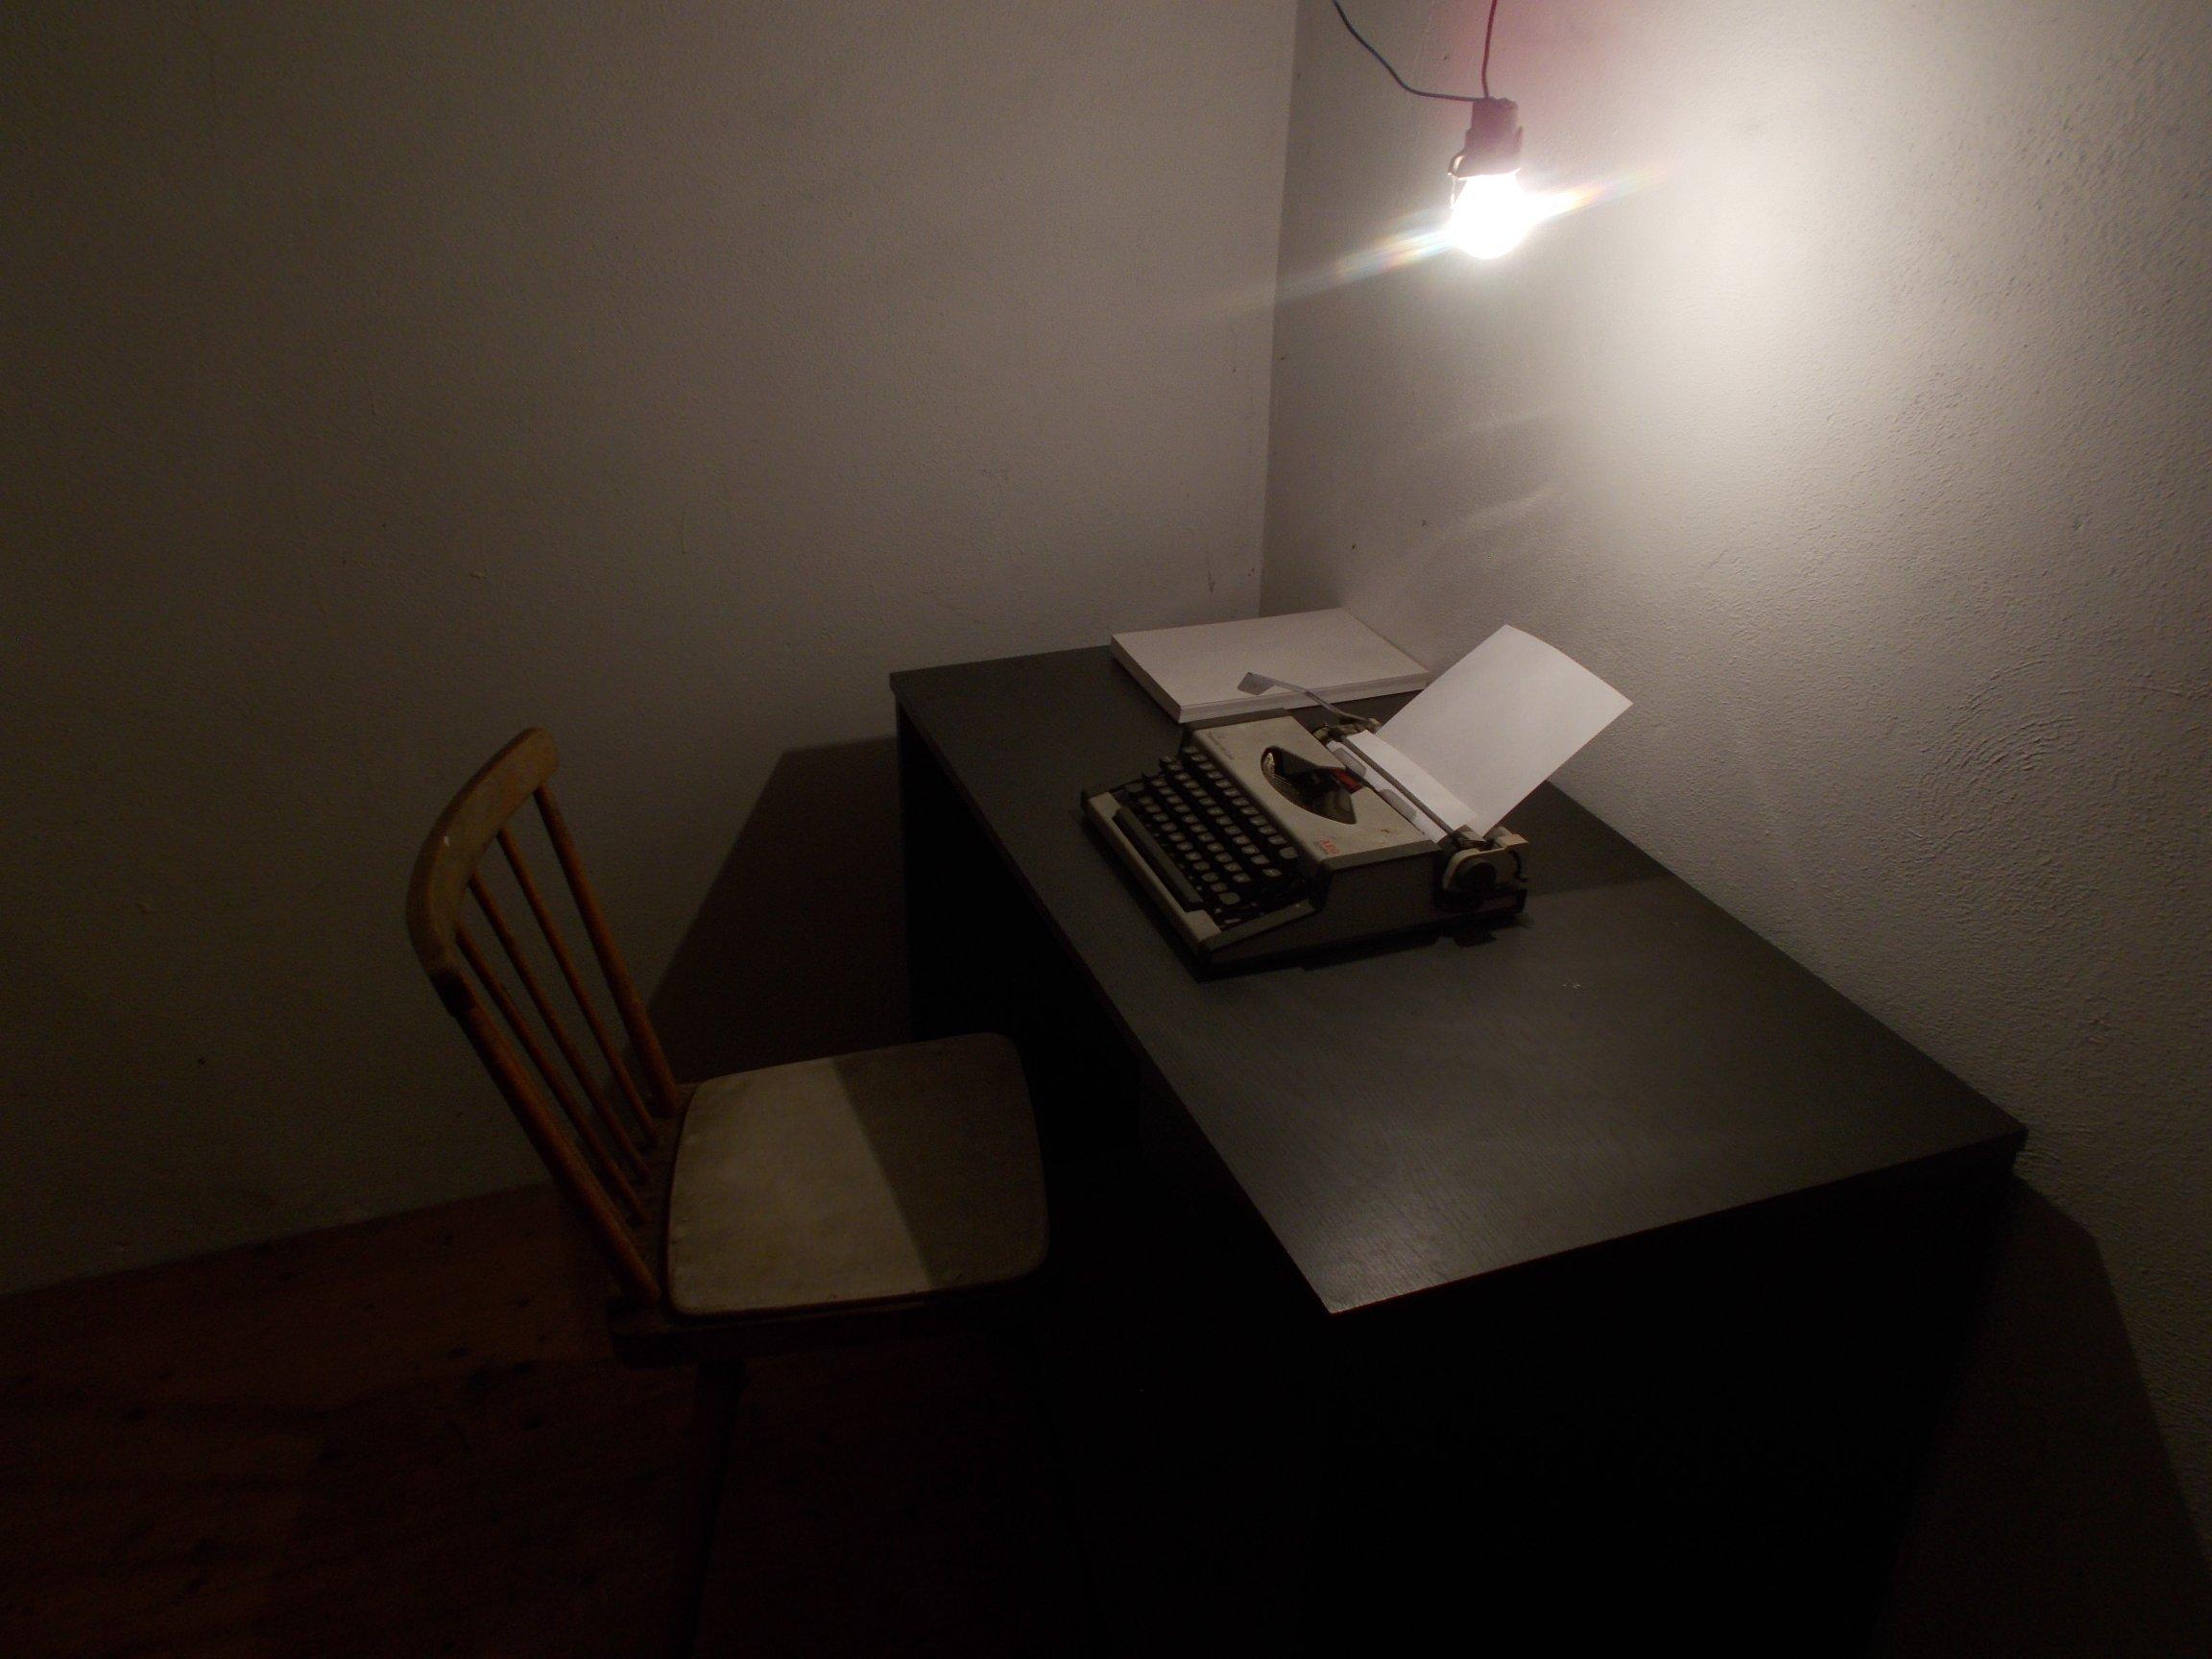 Spartanische Ausrüstung zum Schreiben. Was braucht ein Schriftsteller mehr? Die Welt ist in seinem Kopf